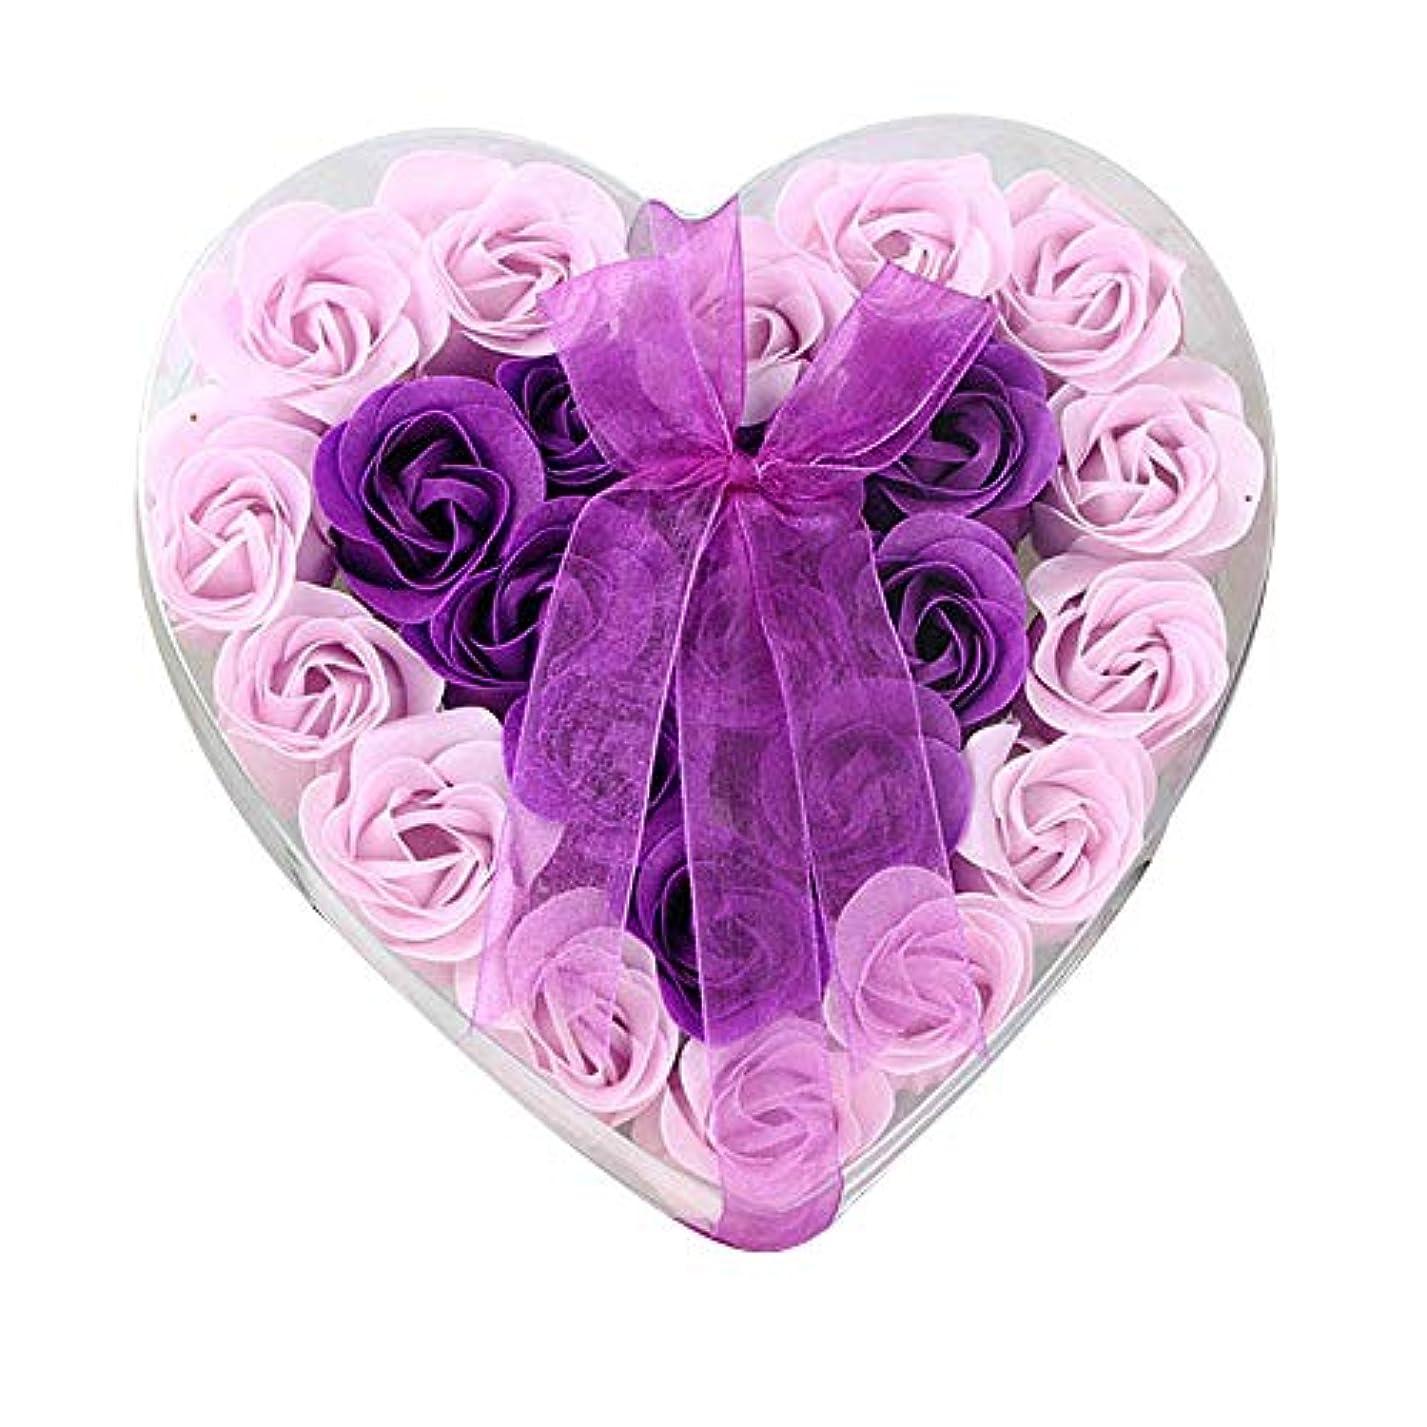 から聞く体現する物理学者24個の手作りのローズ香りのバスソープの花びら香りのバスソープは、ギフトボックスの花びらをバラ (色 : 紫の)